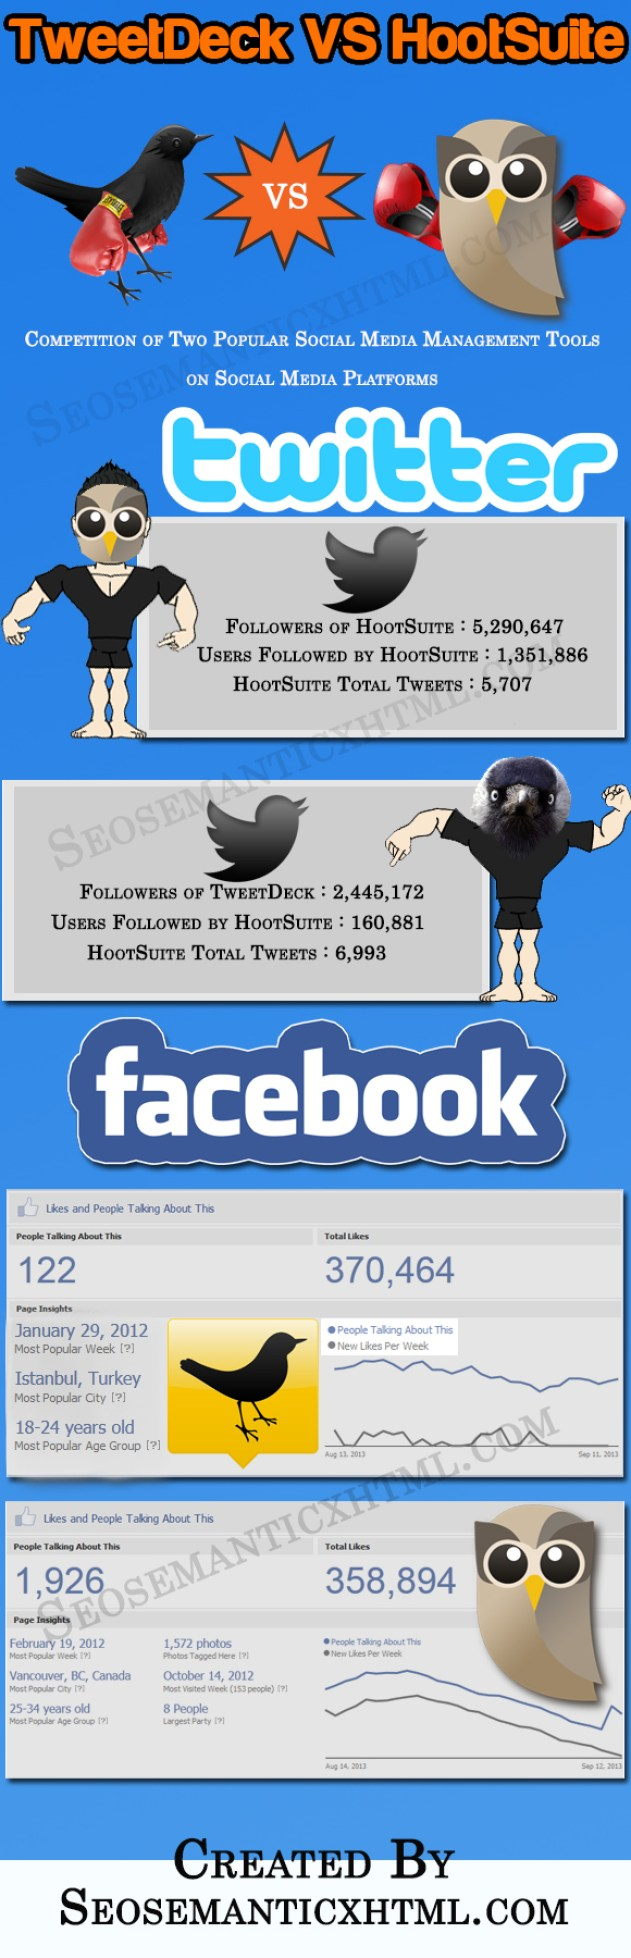 Hootsuite vs TweetDeck